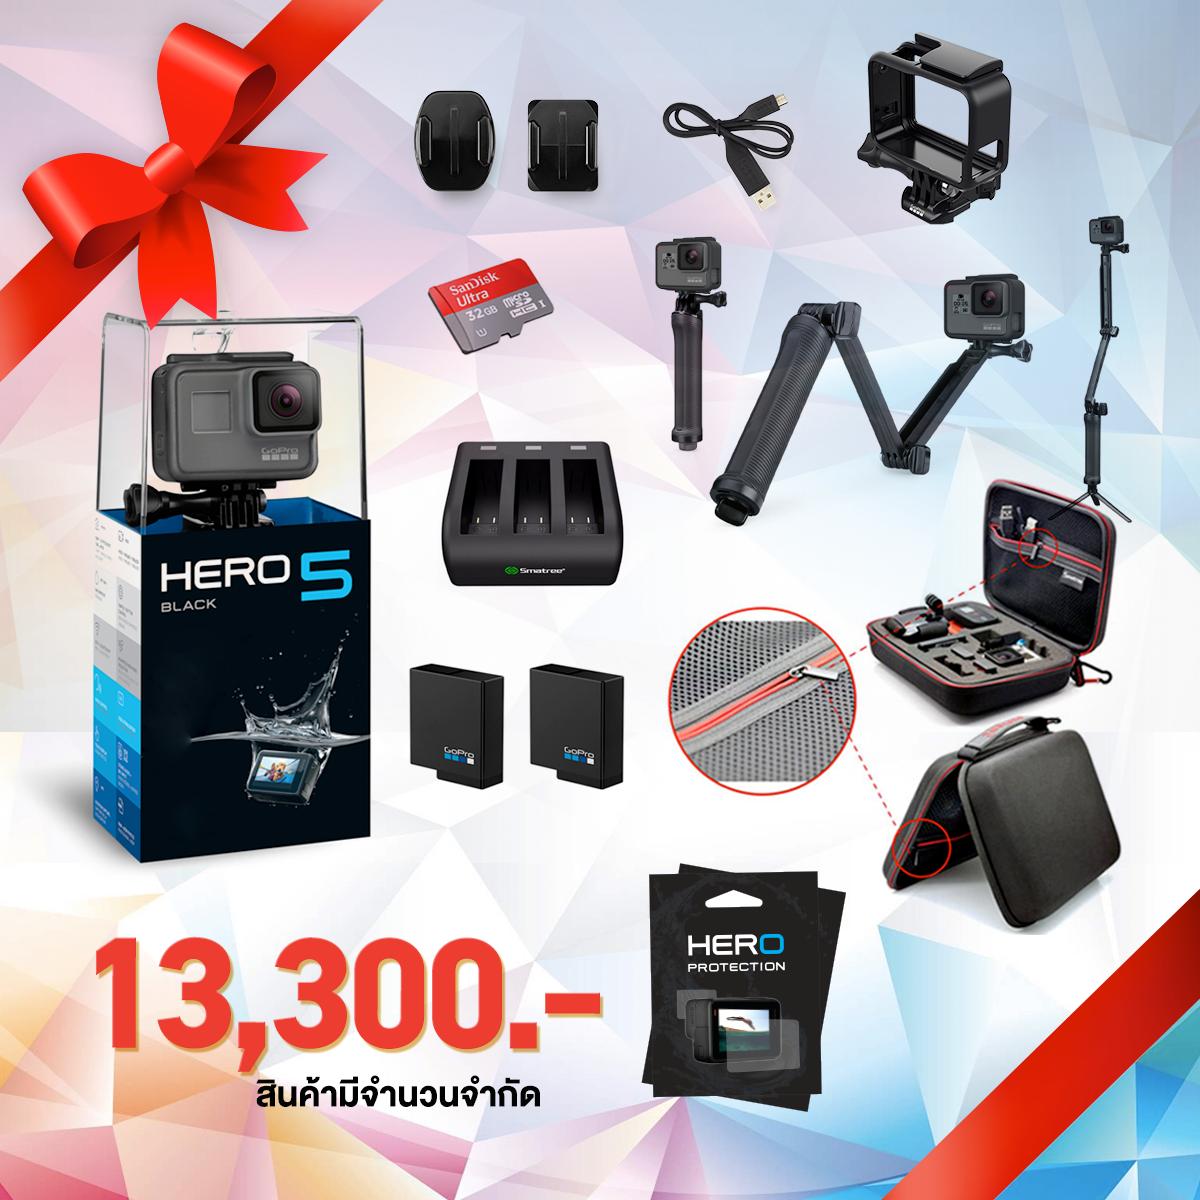 ชุดโปร GoPro HERO 5 Black แบตแท้ 2 ก้อน